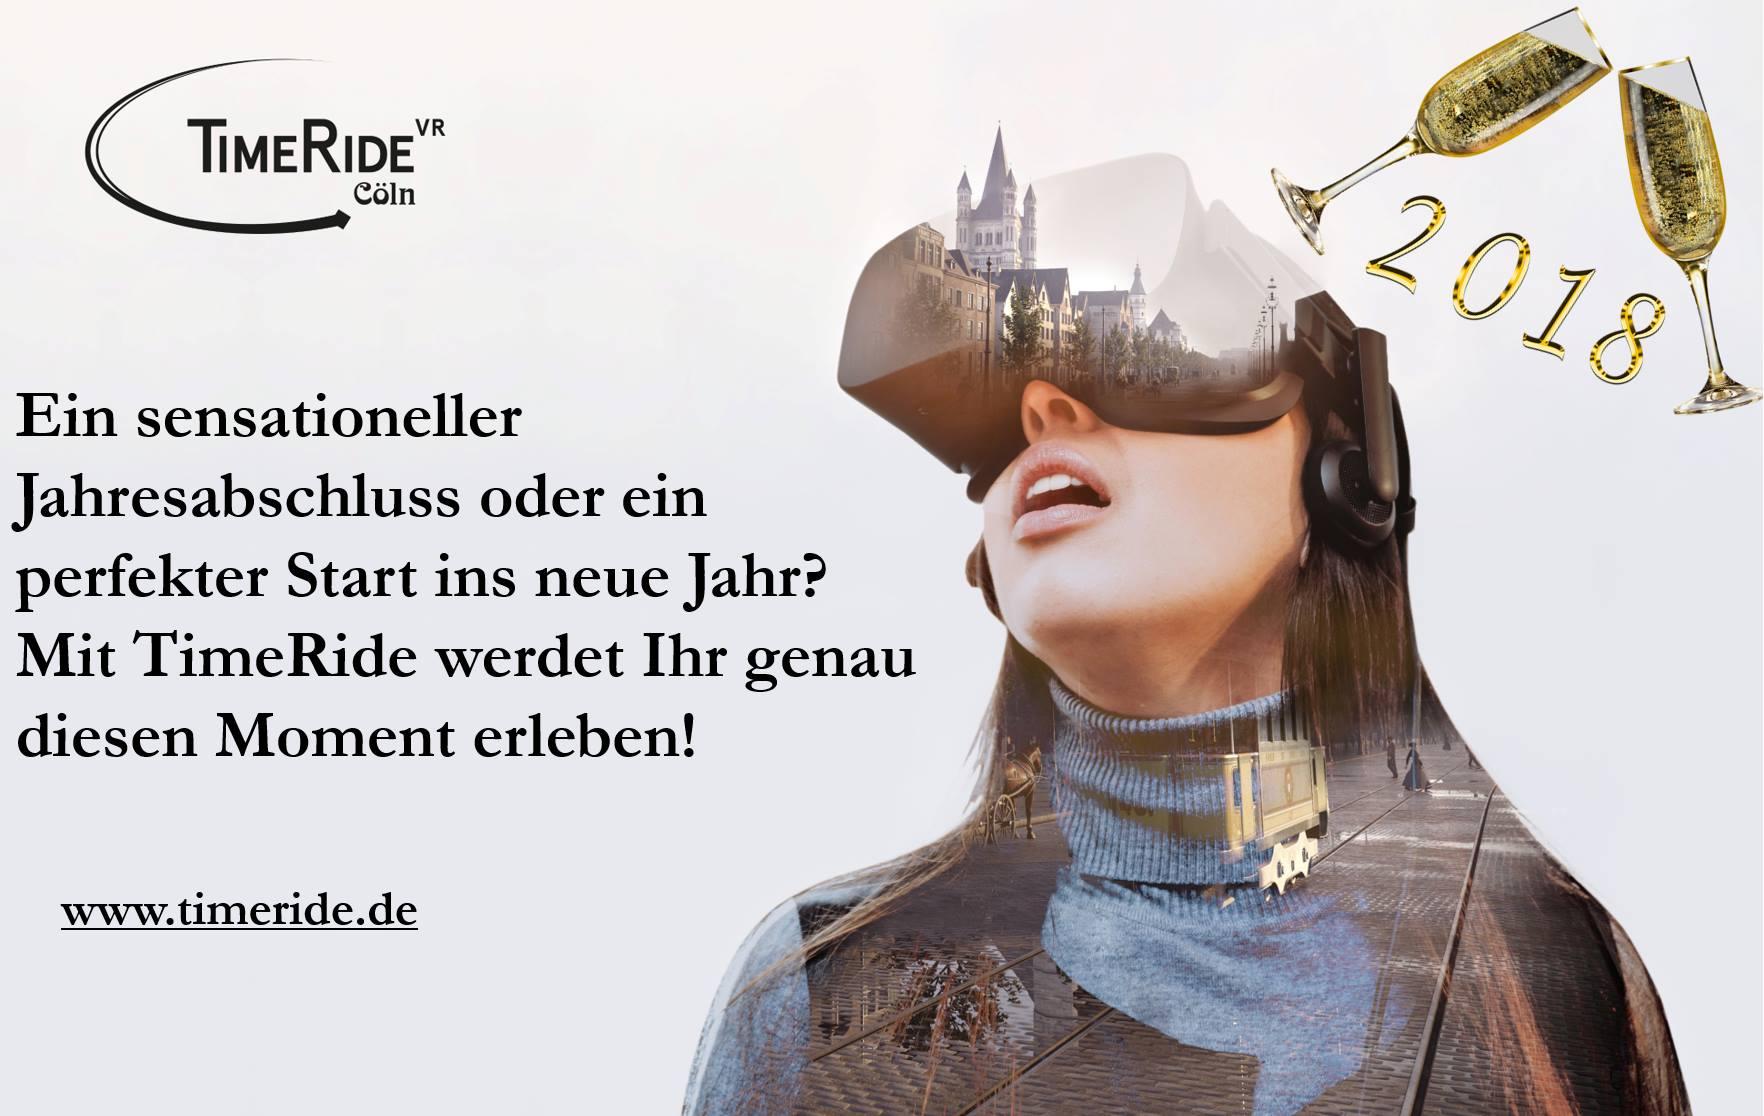 [Köln] 4 für 3 bei TimeRide VR am 31.12. & 1.1.